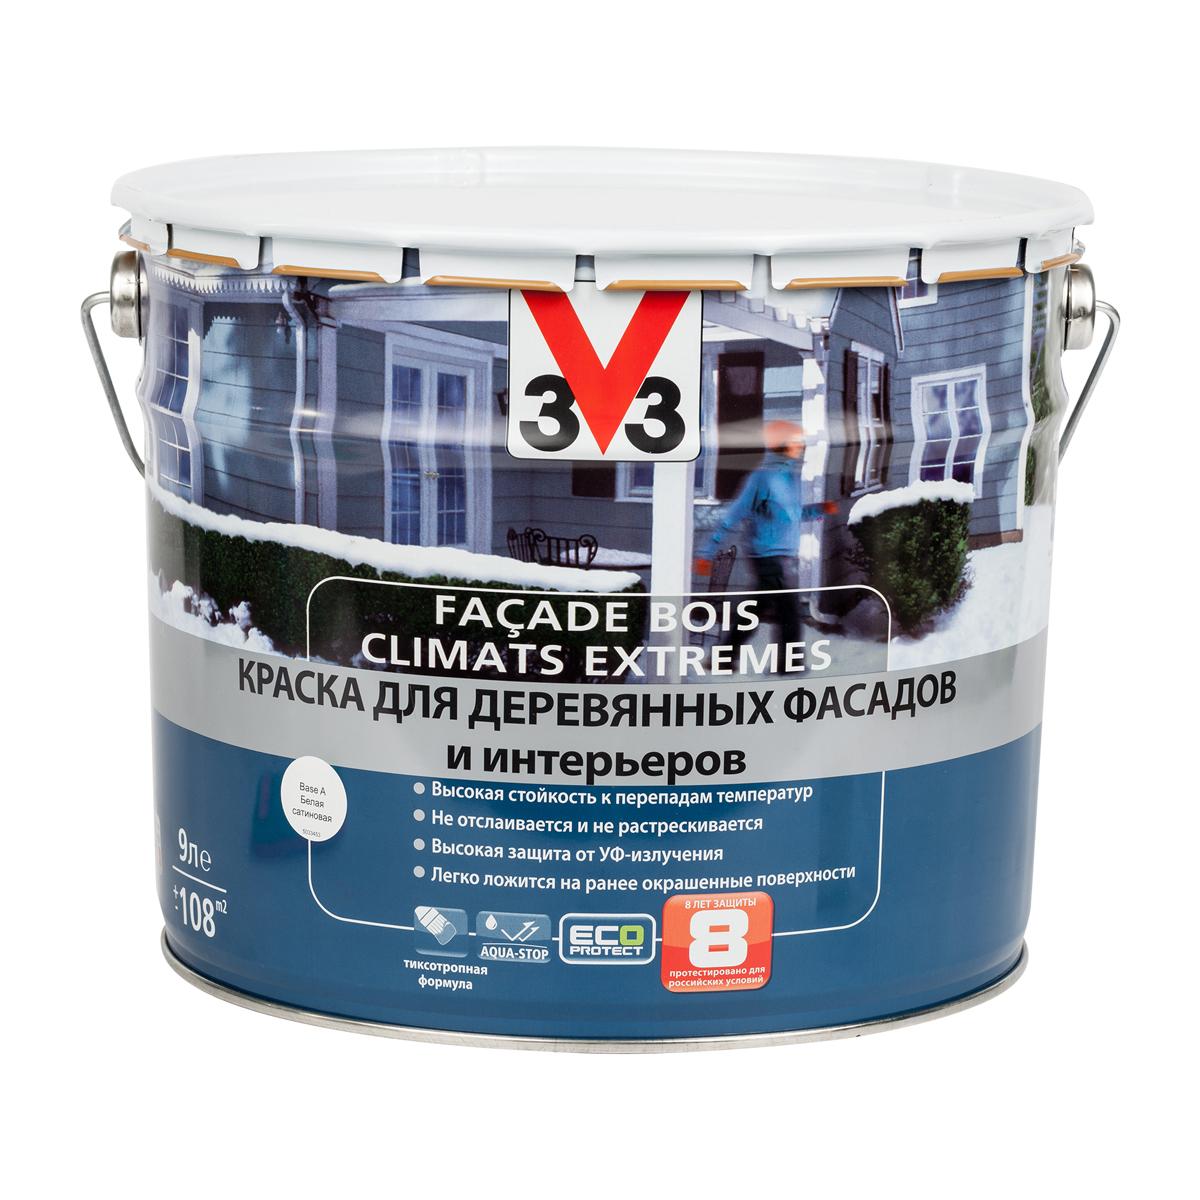 """Краска для деревянных фасадов и интерьеров V33 """"Climats Extrimes"""", цвет: белый, 9 л 110384"""